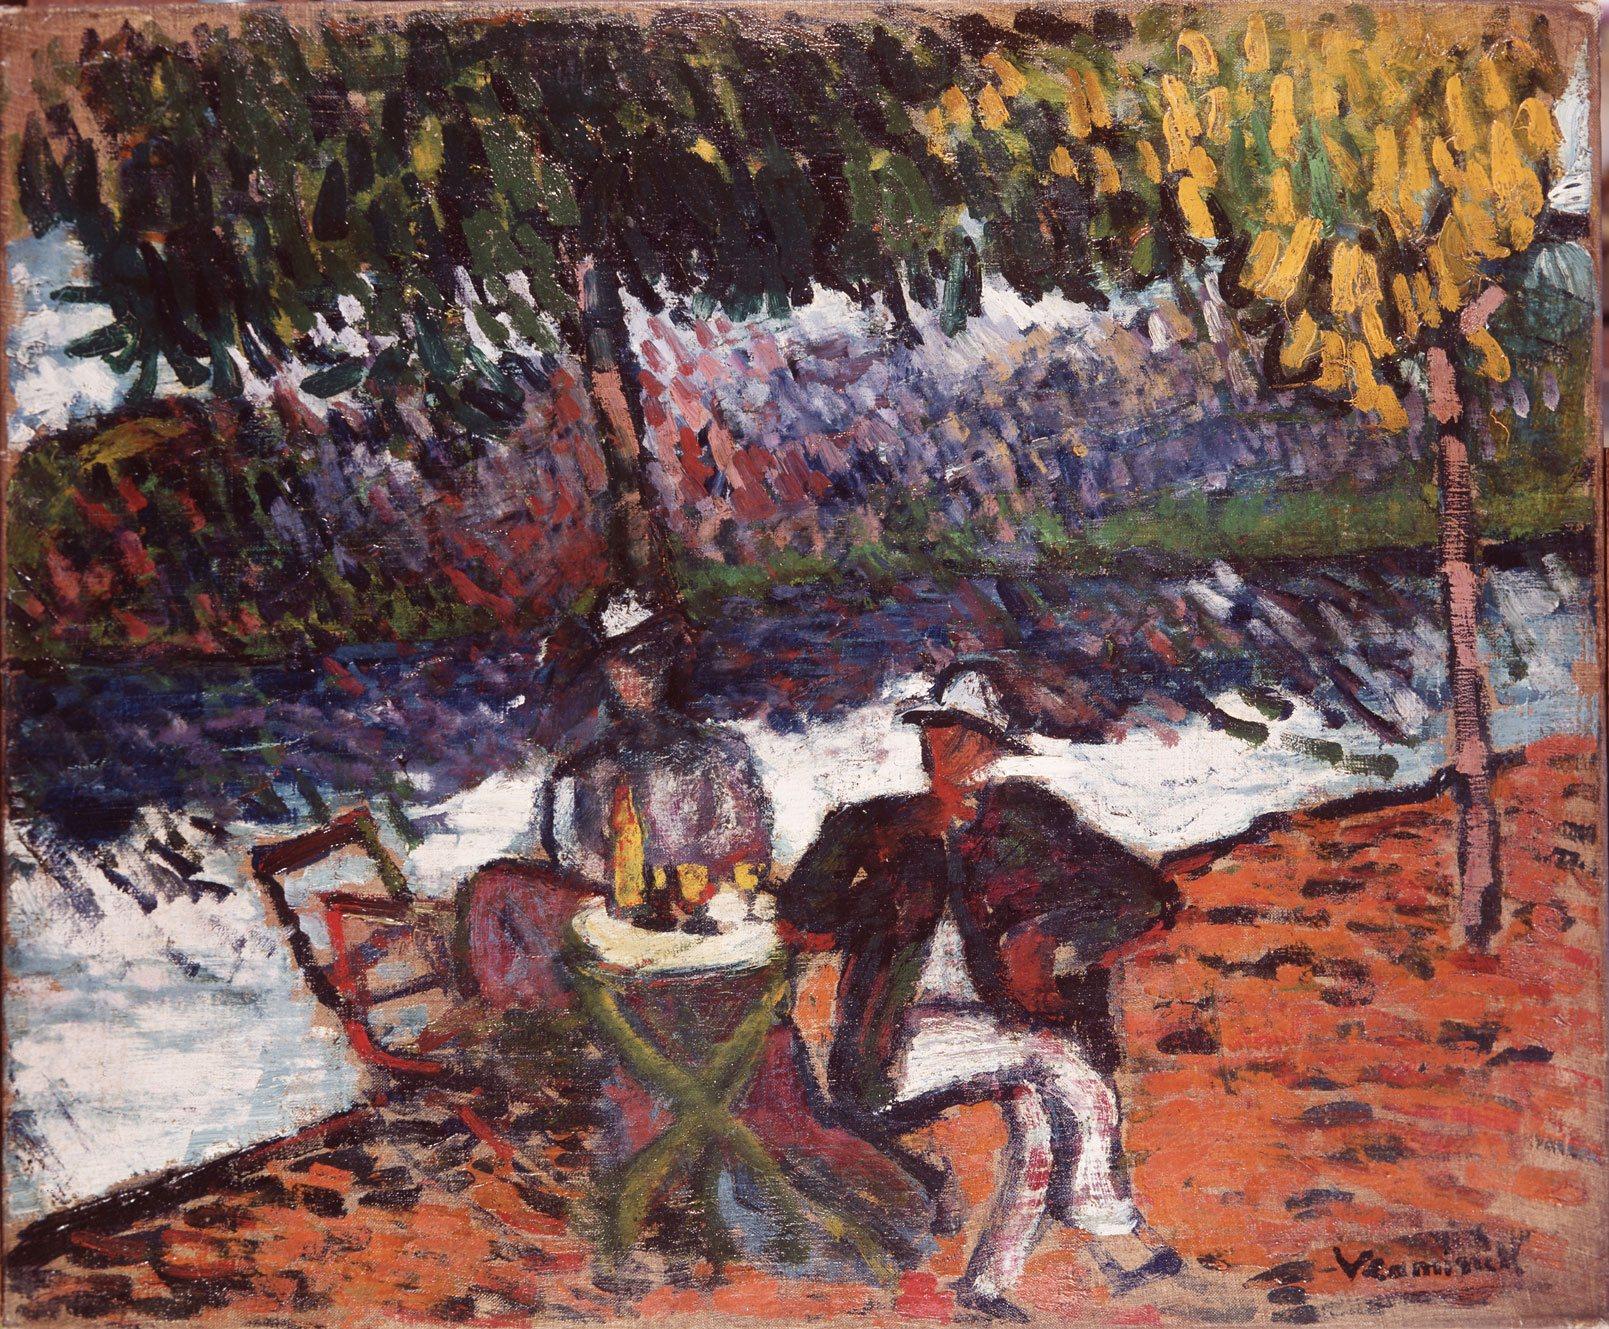 Vlaminck Maurice de,Au bord de la rivière,1905